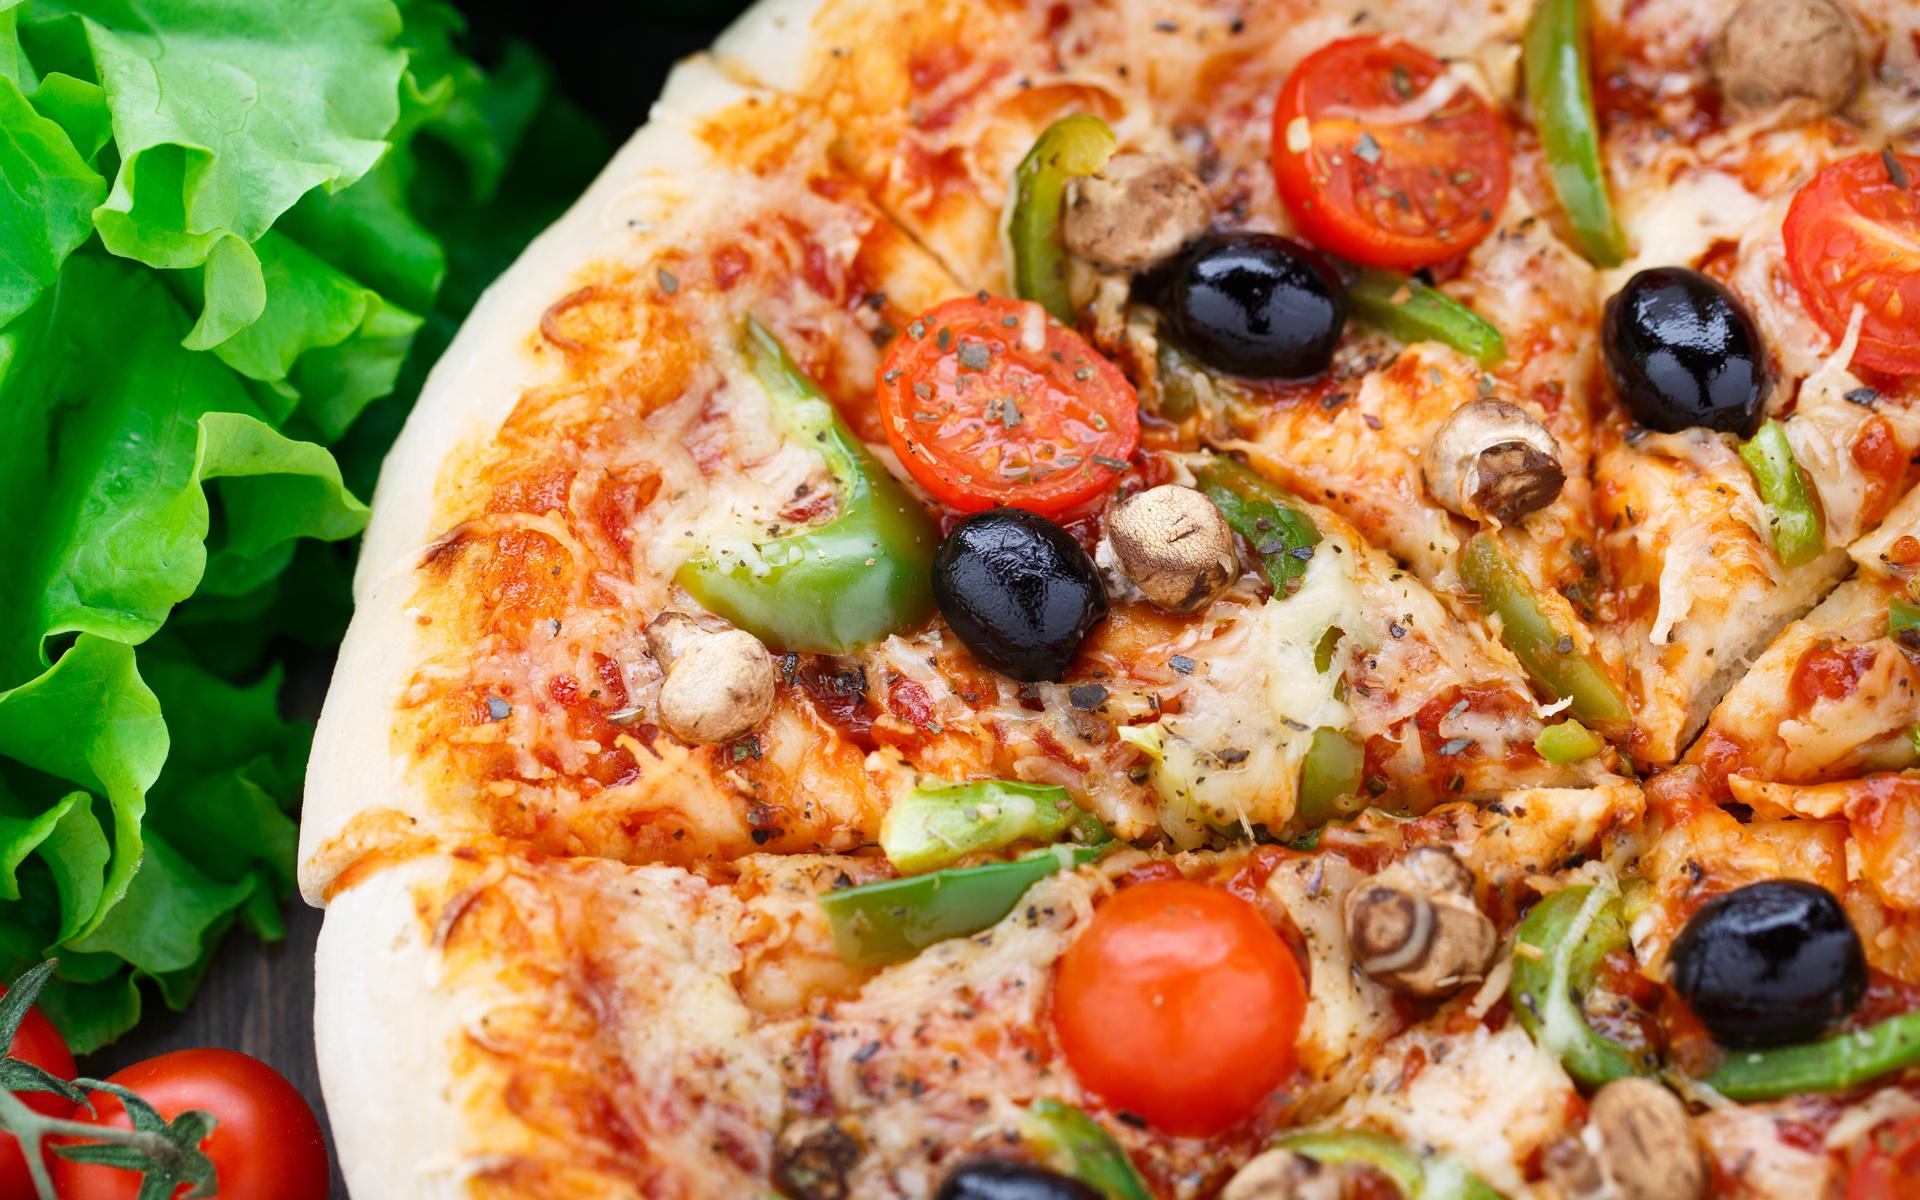 Картинки с едой на форум